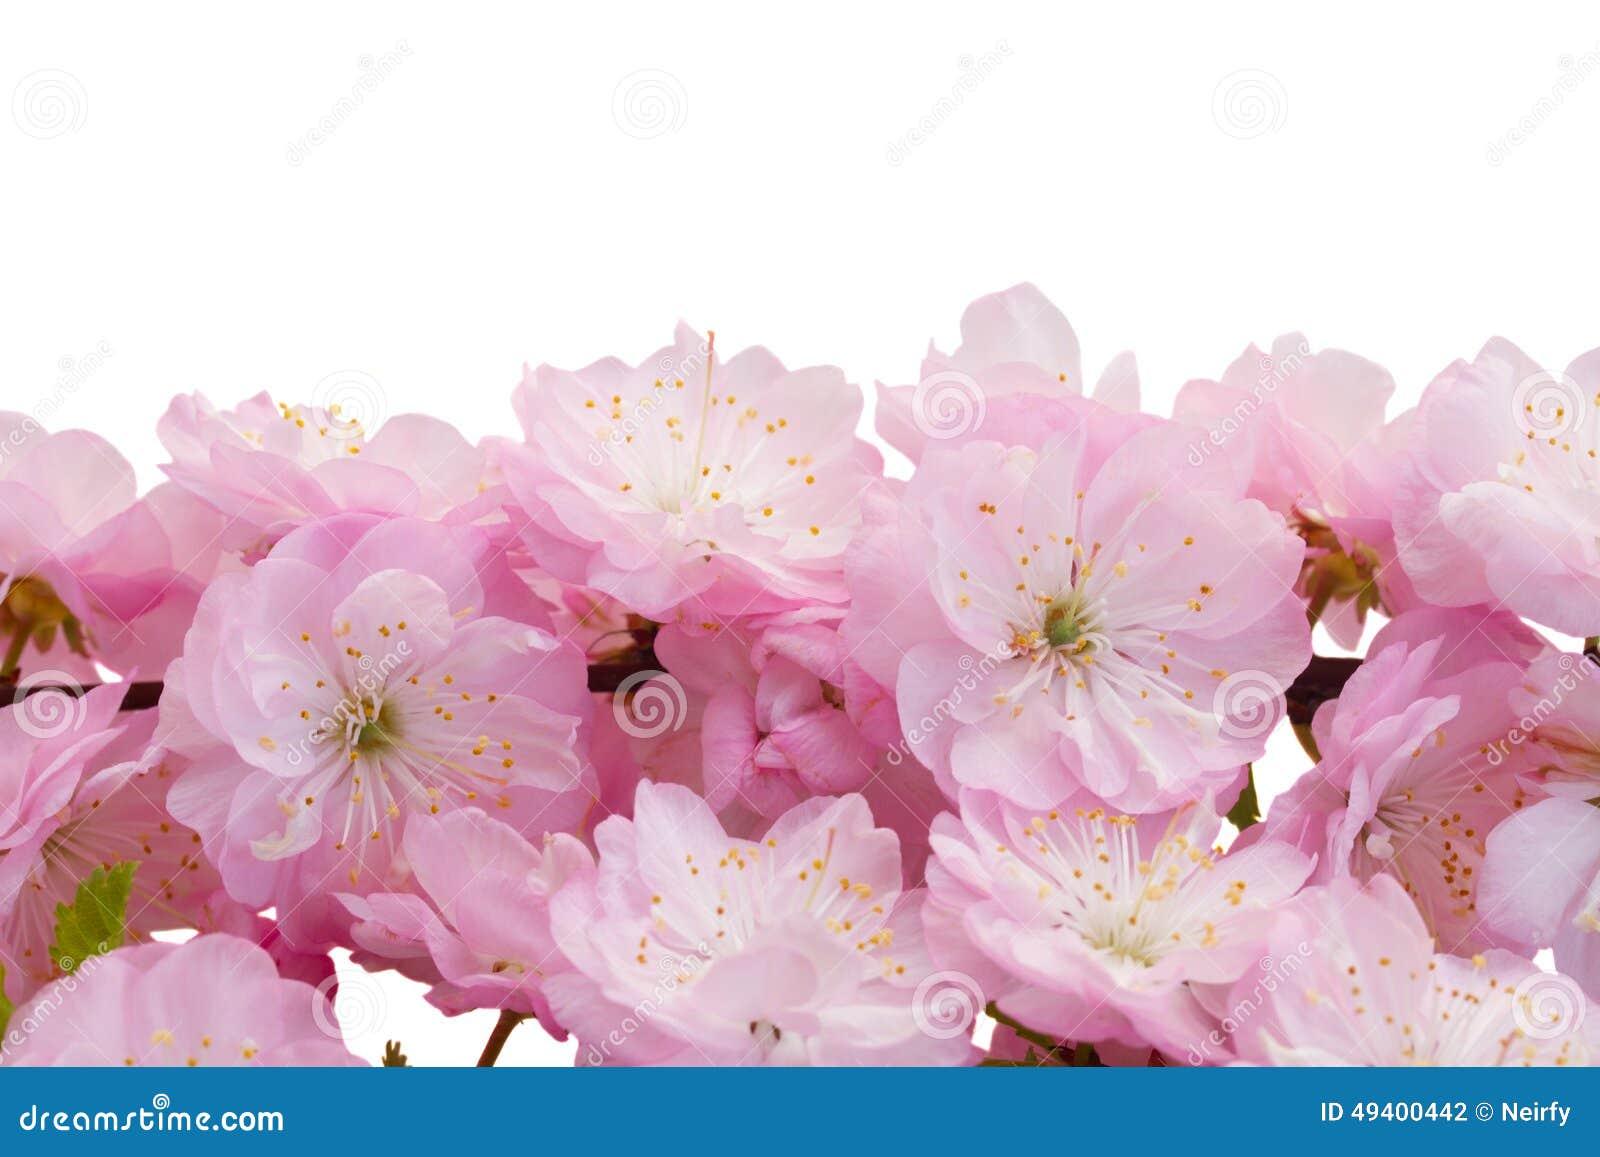 Download Blühende rosa Baum Blumen stockfoto. Bild von blüte, botanik - 49400442